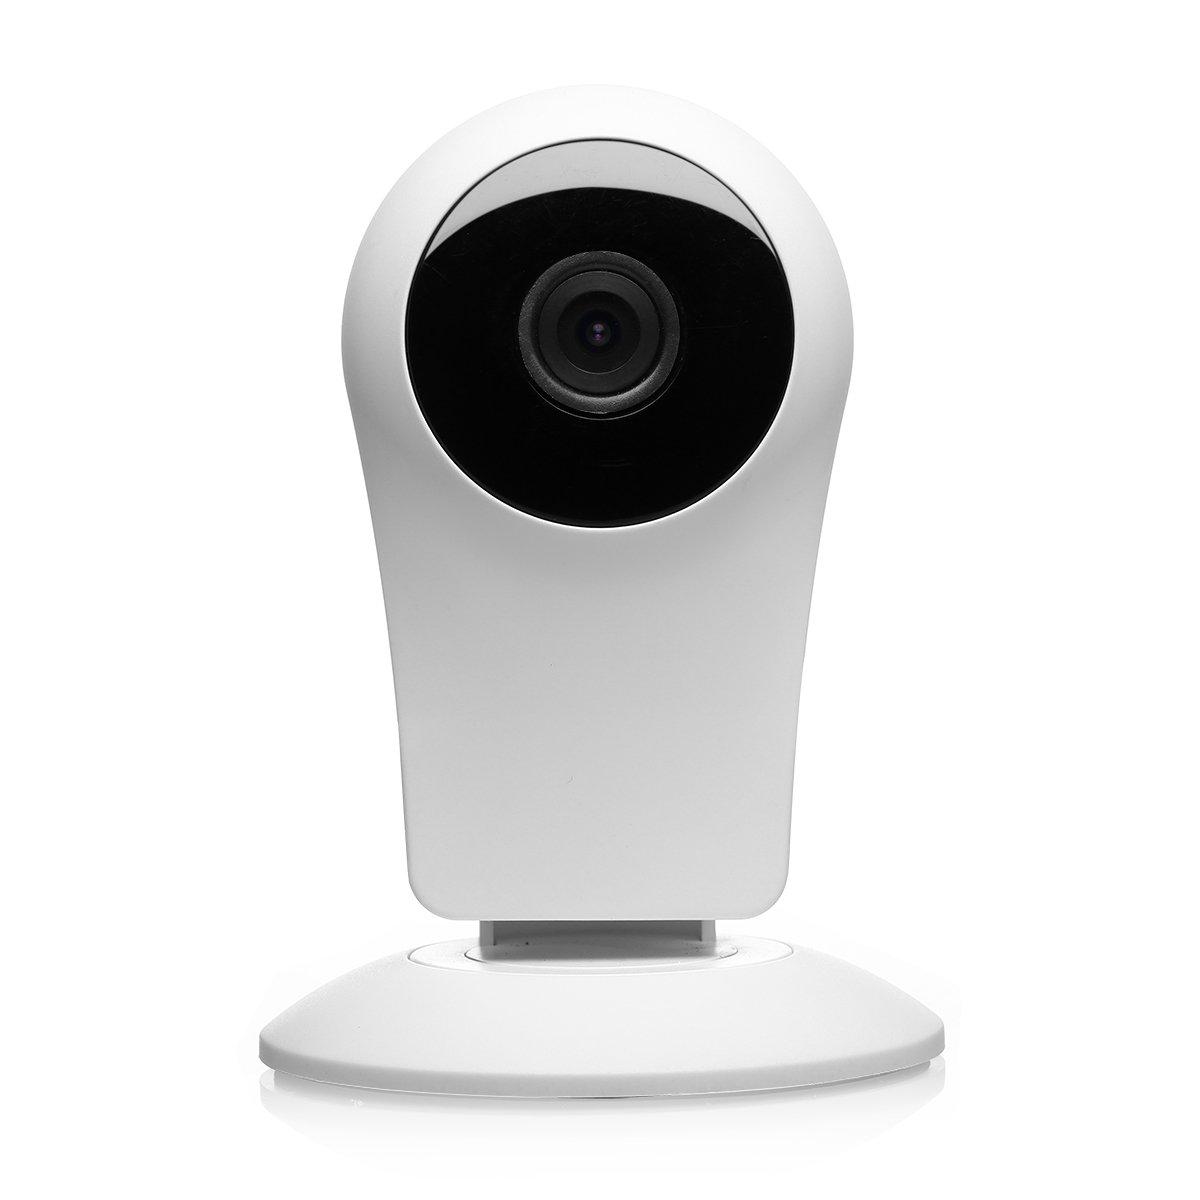 IP Cámara de Vigilancia Wifi, EMAX 720P HD IP Cámara de Seguridad Visión Nocturna, Audio Bidireccional, Alarma de Detección de Movimiento, Monitor para hogar, Niños, Mascotas